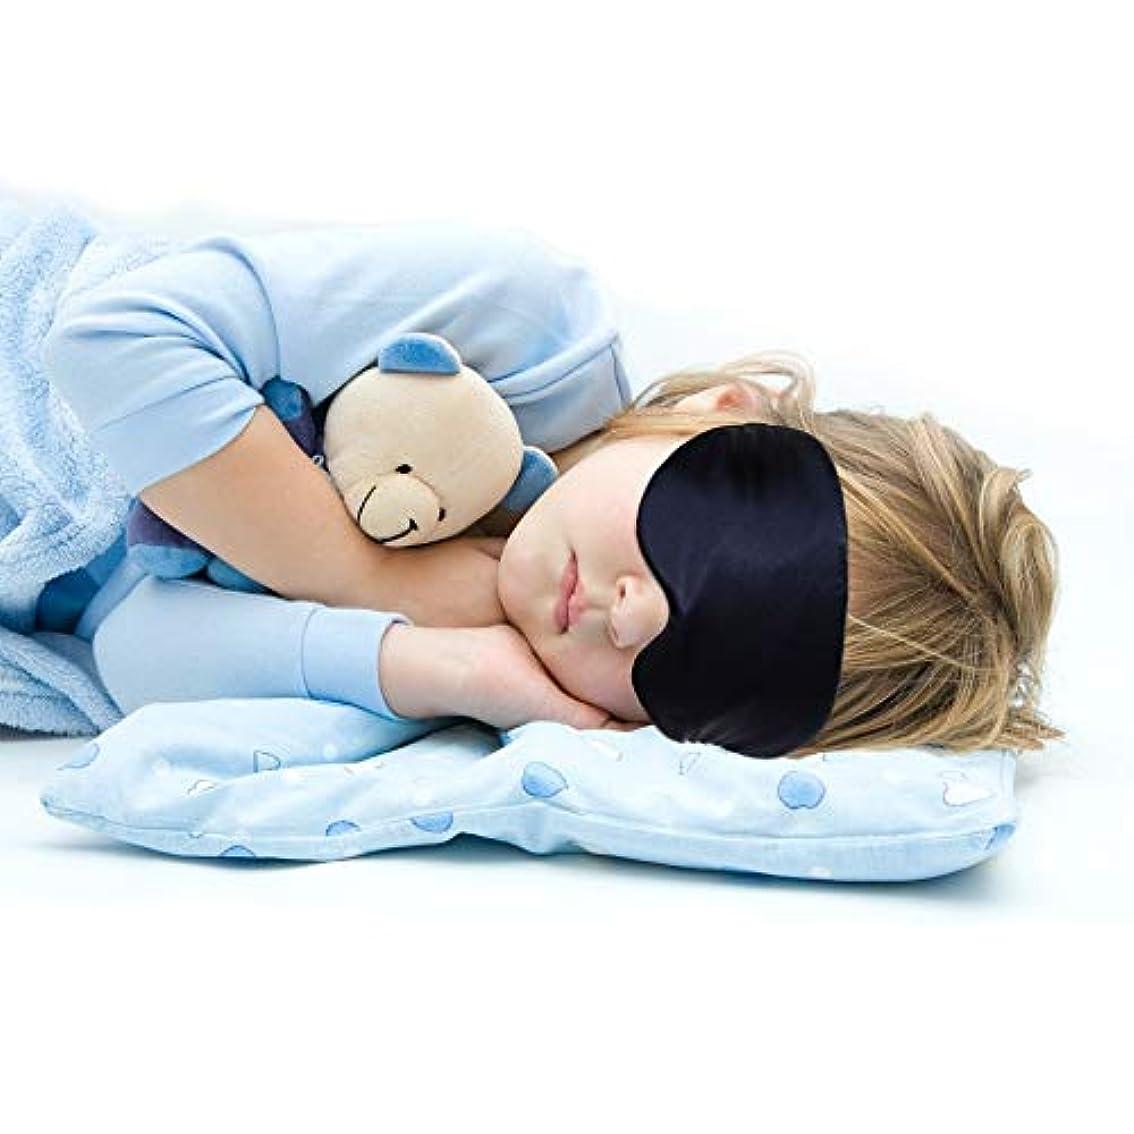 するだろう不良編集するNOTE 子供たちは睡眠休息睡眠補助アイマスクアイシェードカバーコンフォート健康目隠しシールド旅行アイケア美容ツール調整